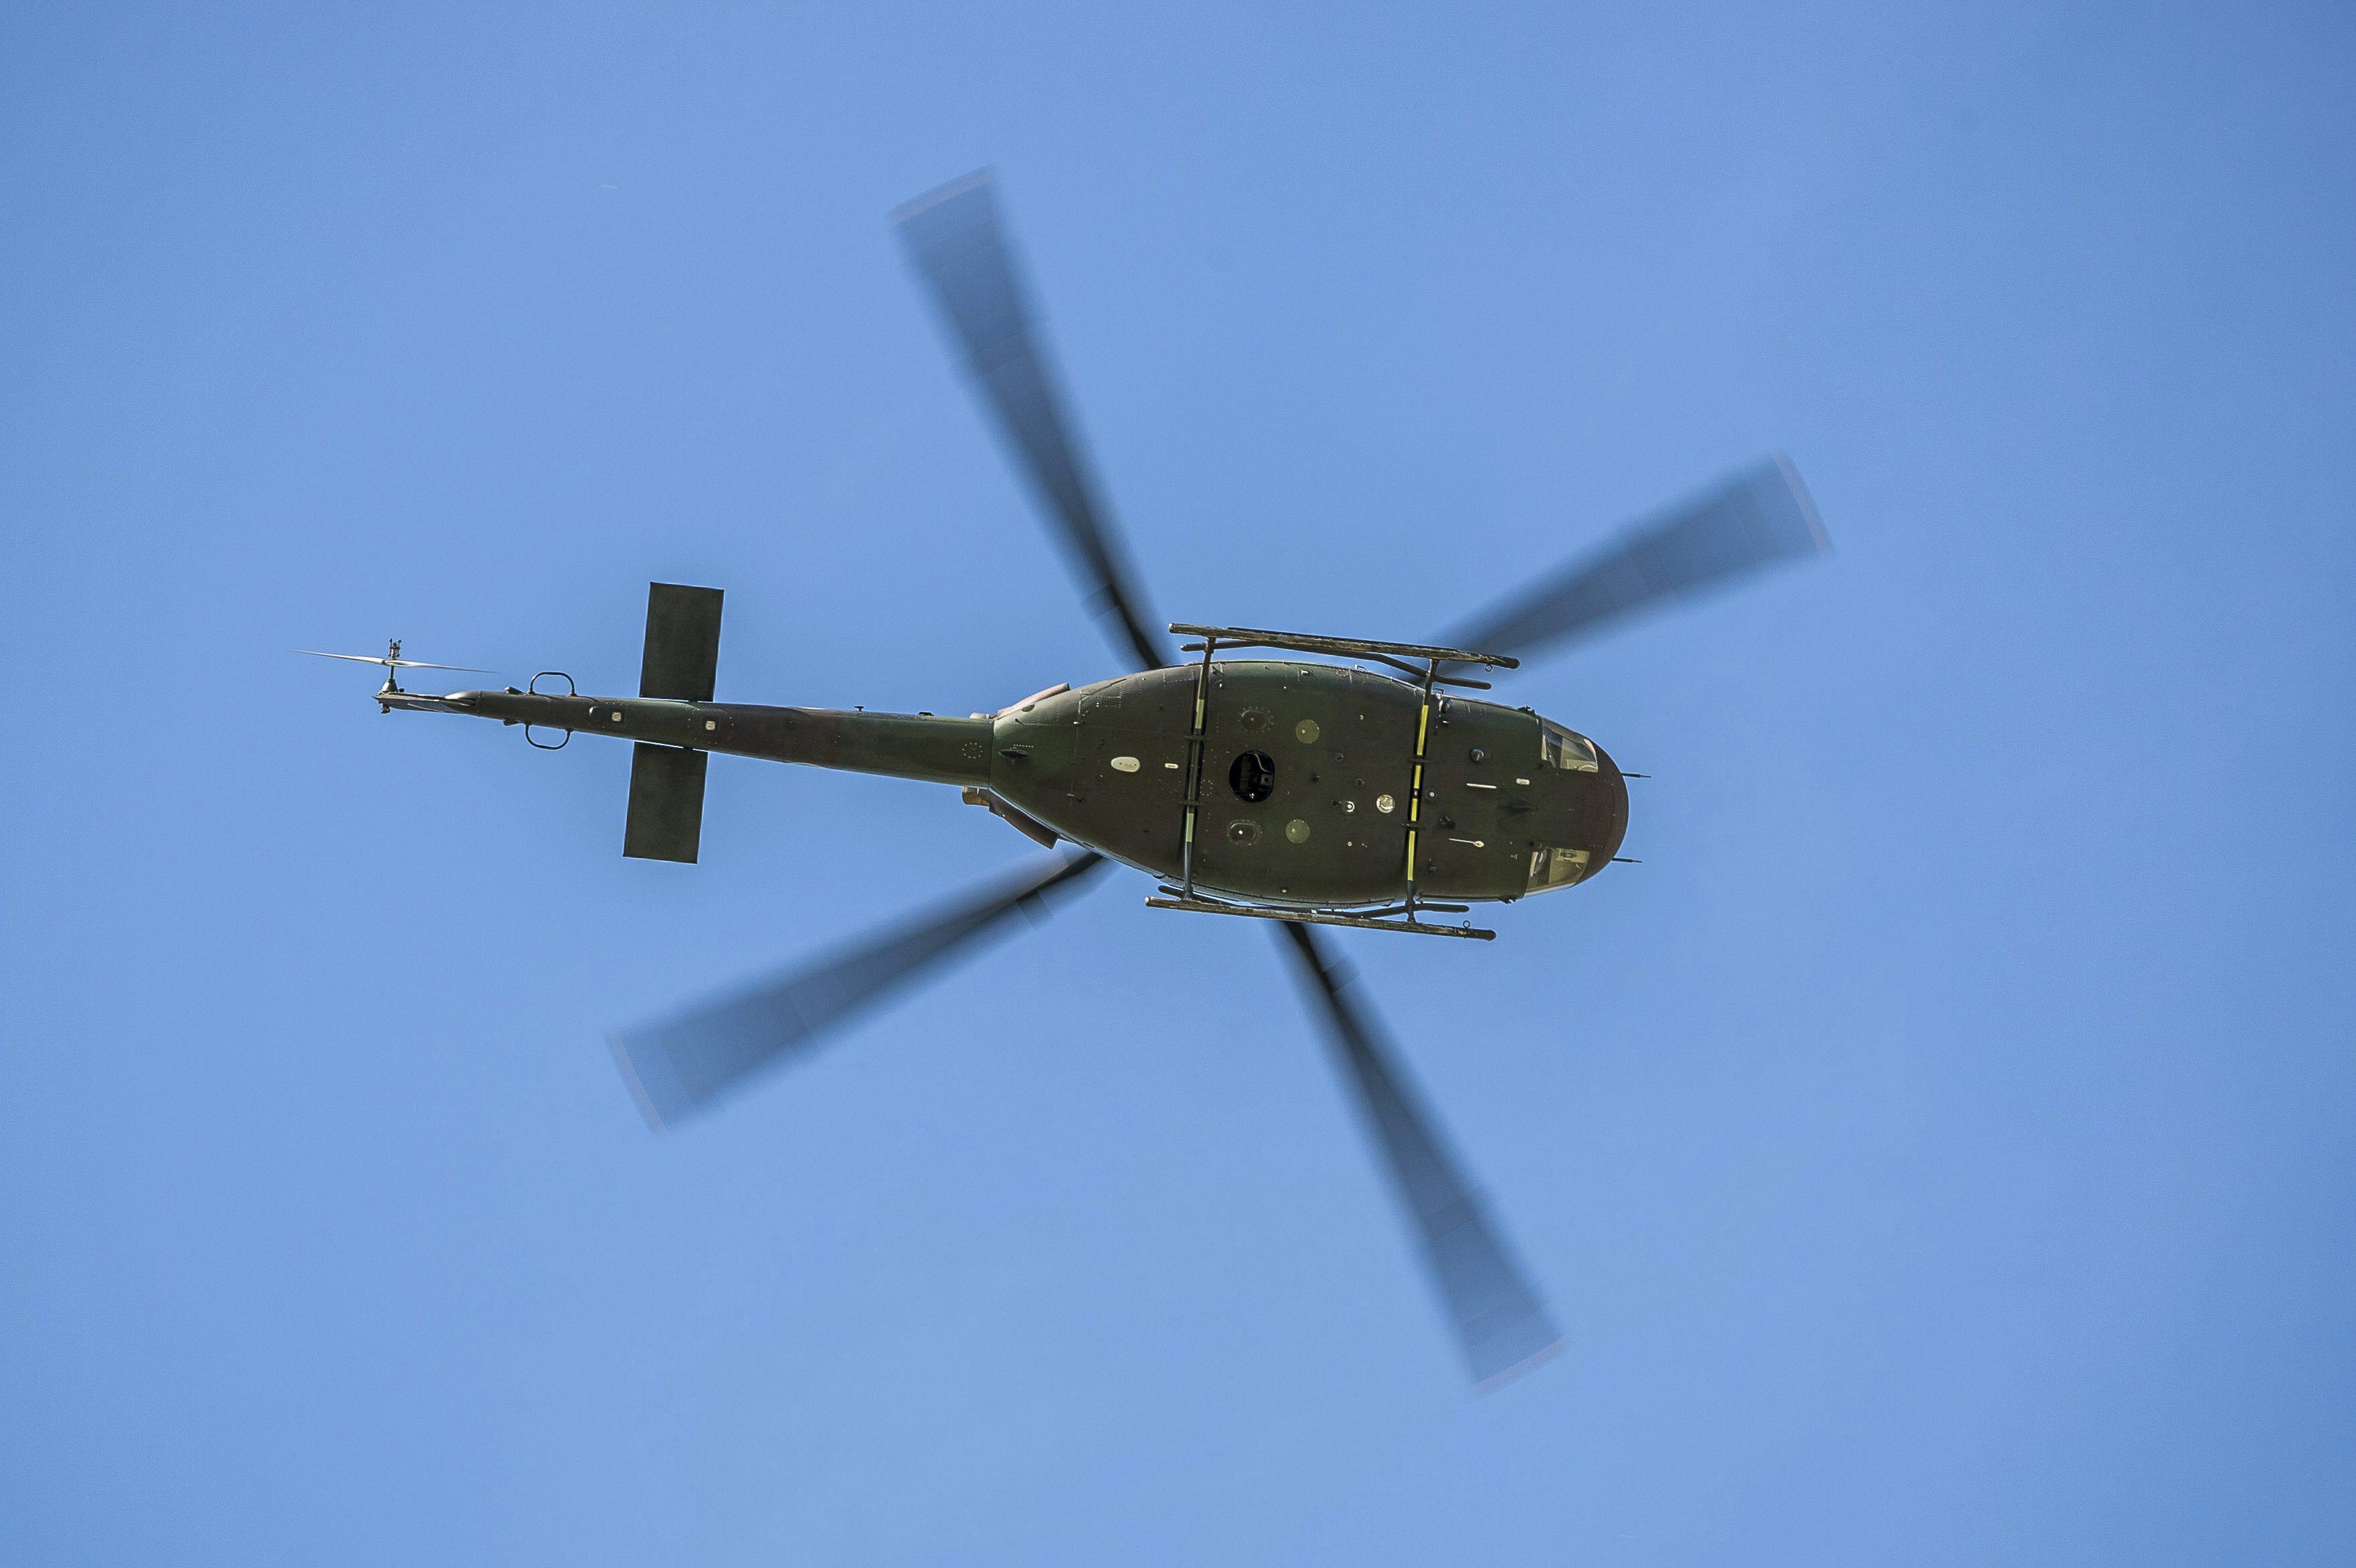 Imagini pentru poze cu elicoptere mici